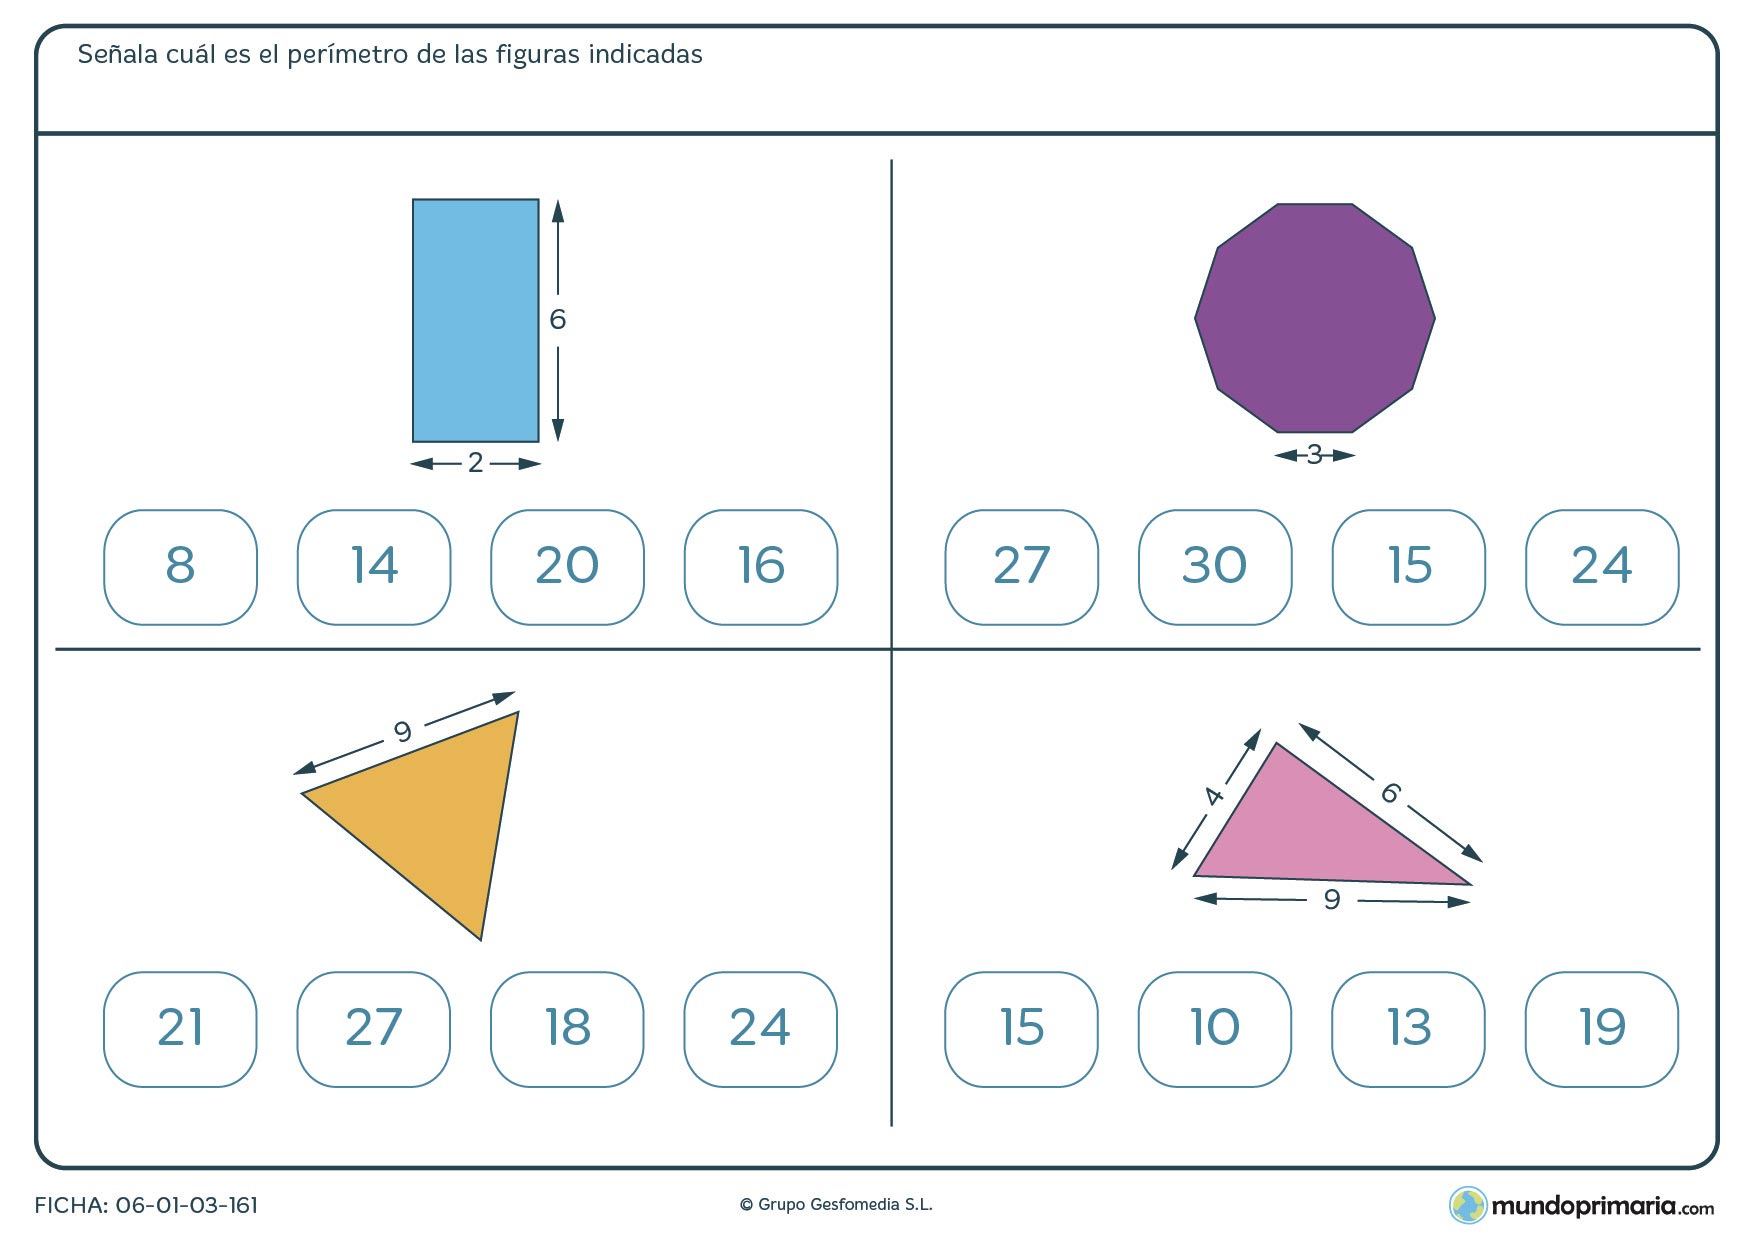 Ficha de sumar perímetro de figuras para sacar el resultado correcto que deberás marcar en la ficha.